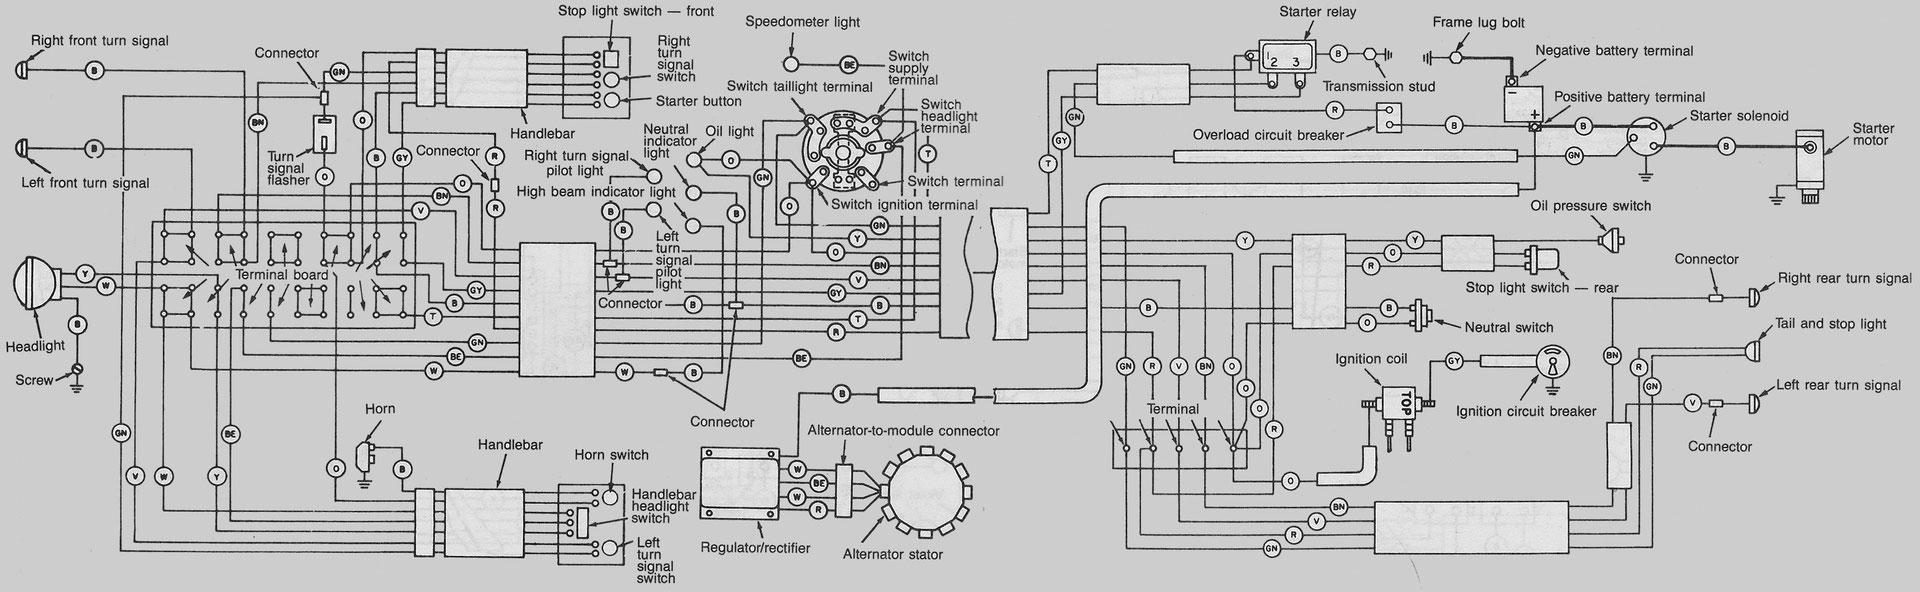 Harley Davidson Fl Wiring Diagrams Car Electrical Wiring Diagram